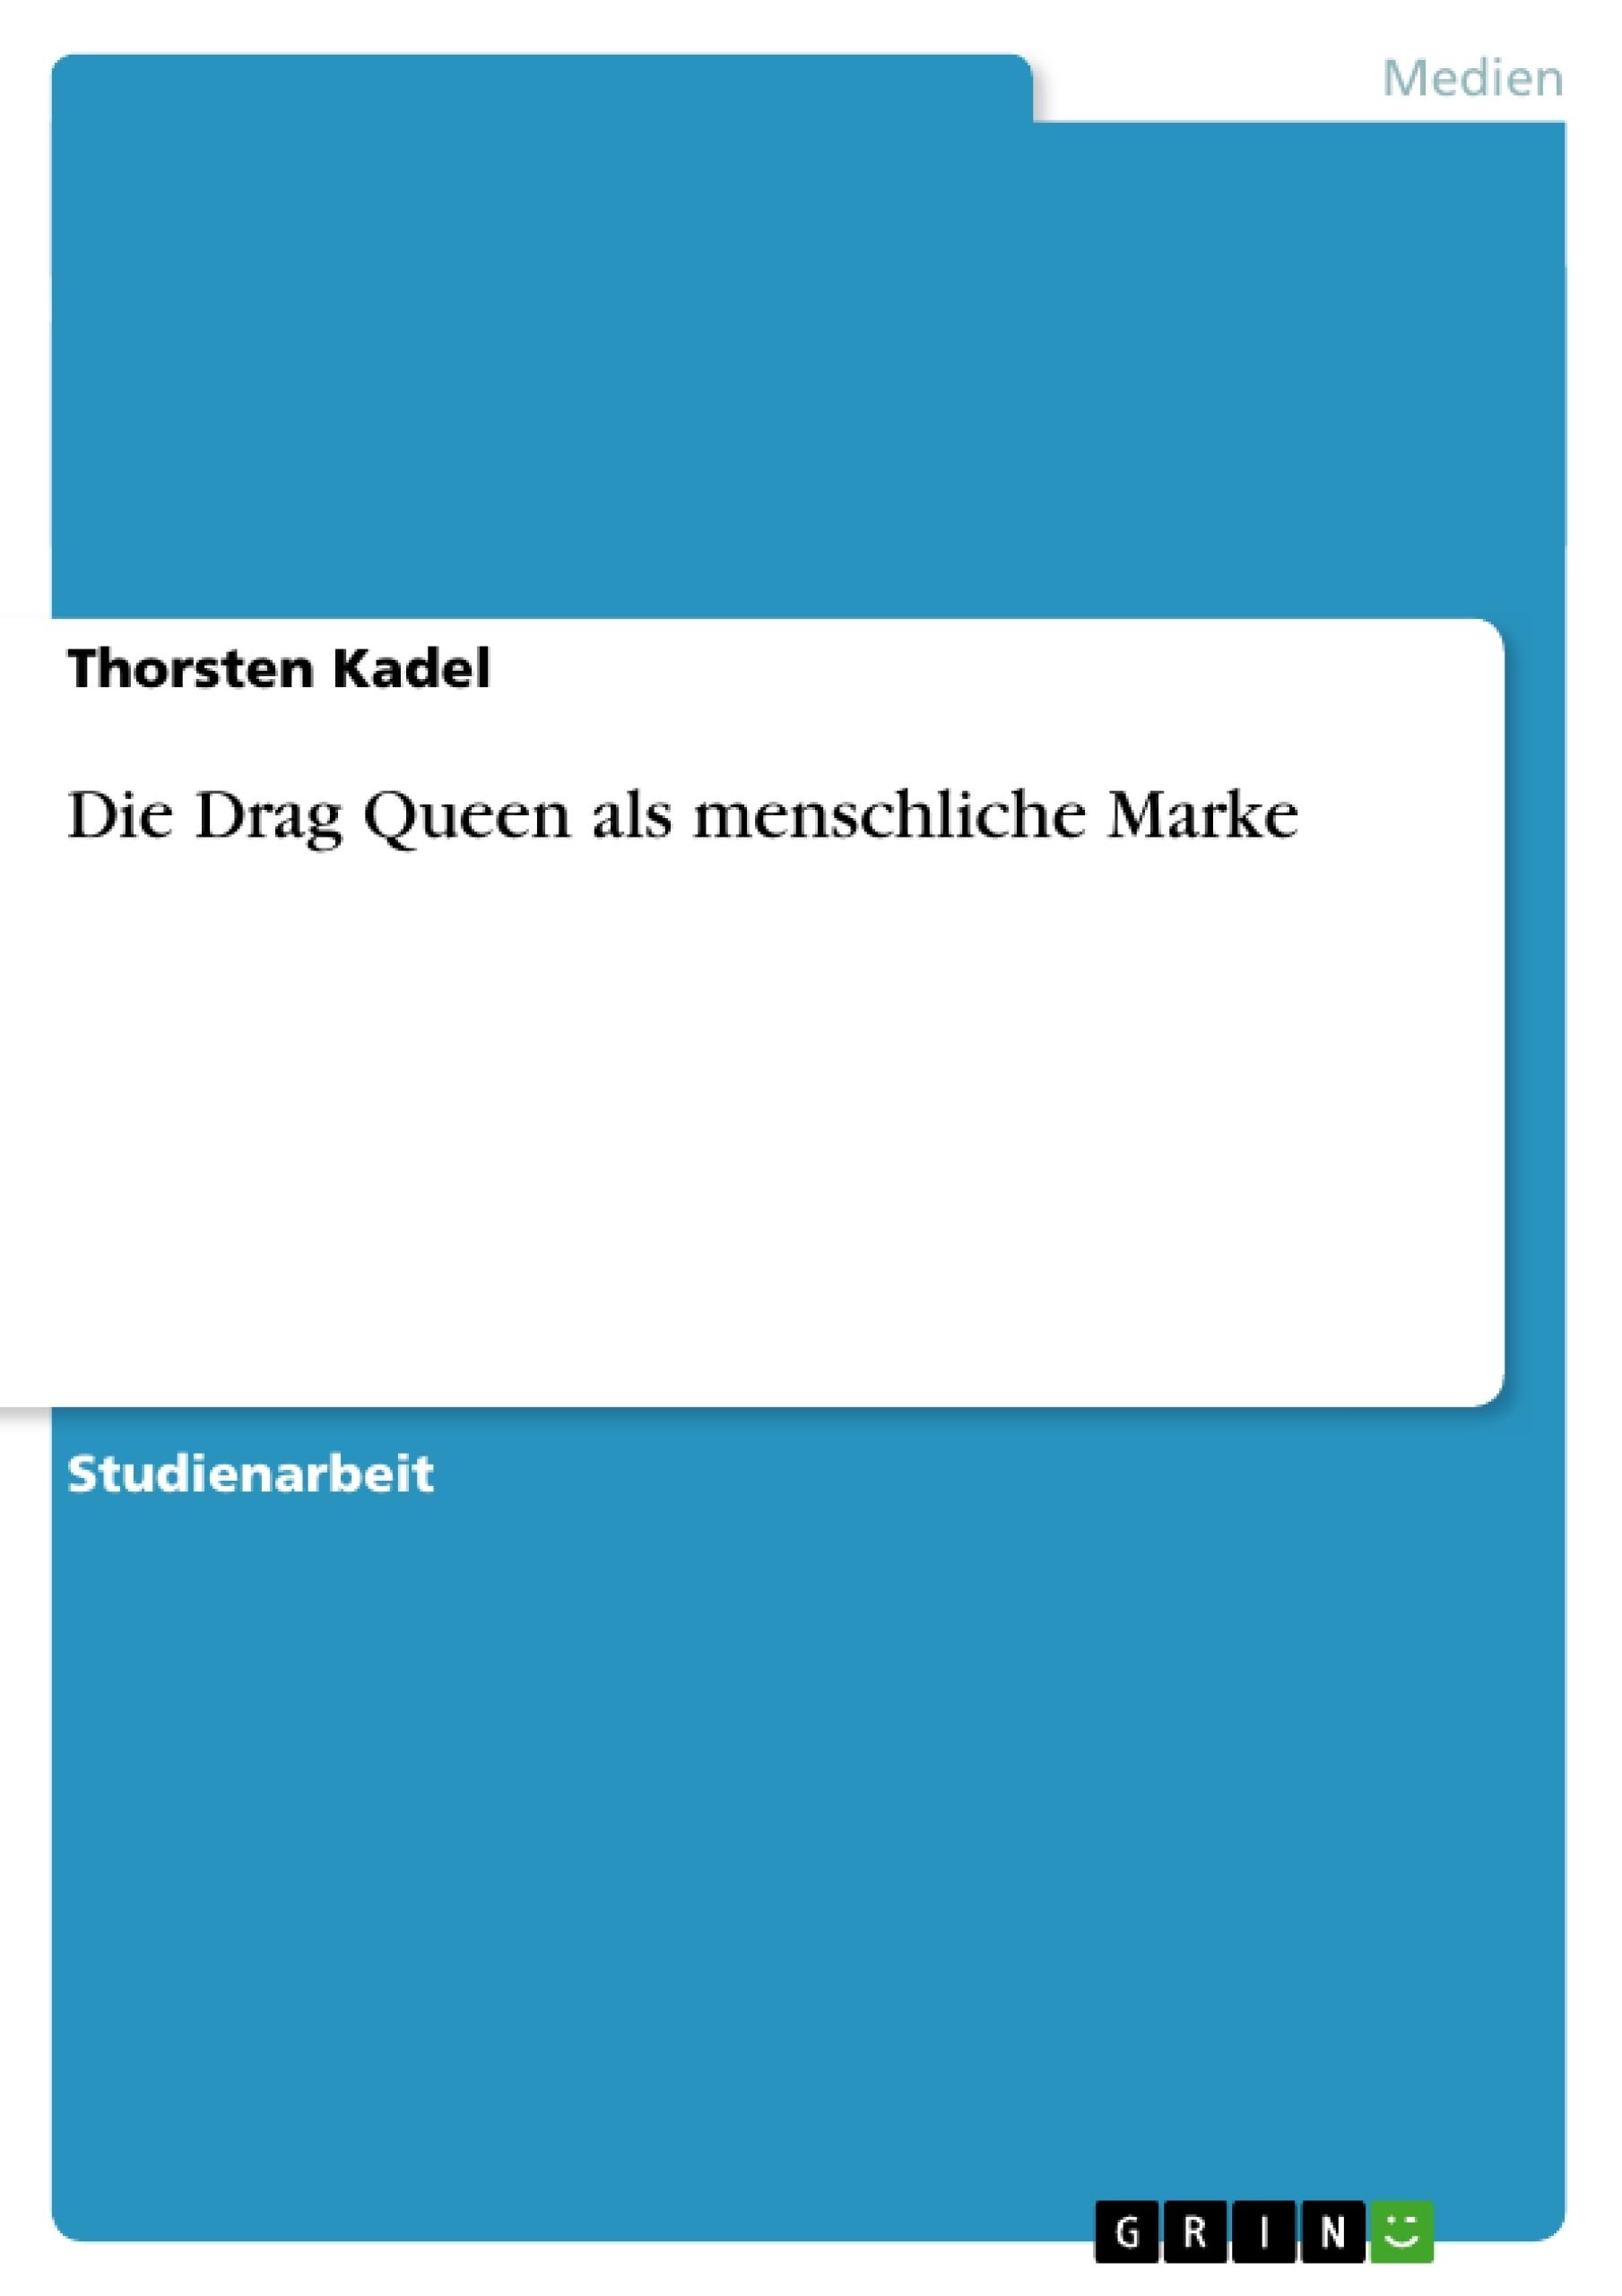 Titel: Die Drag Queen als menschliche Marke